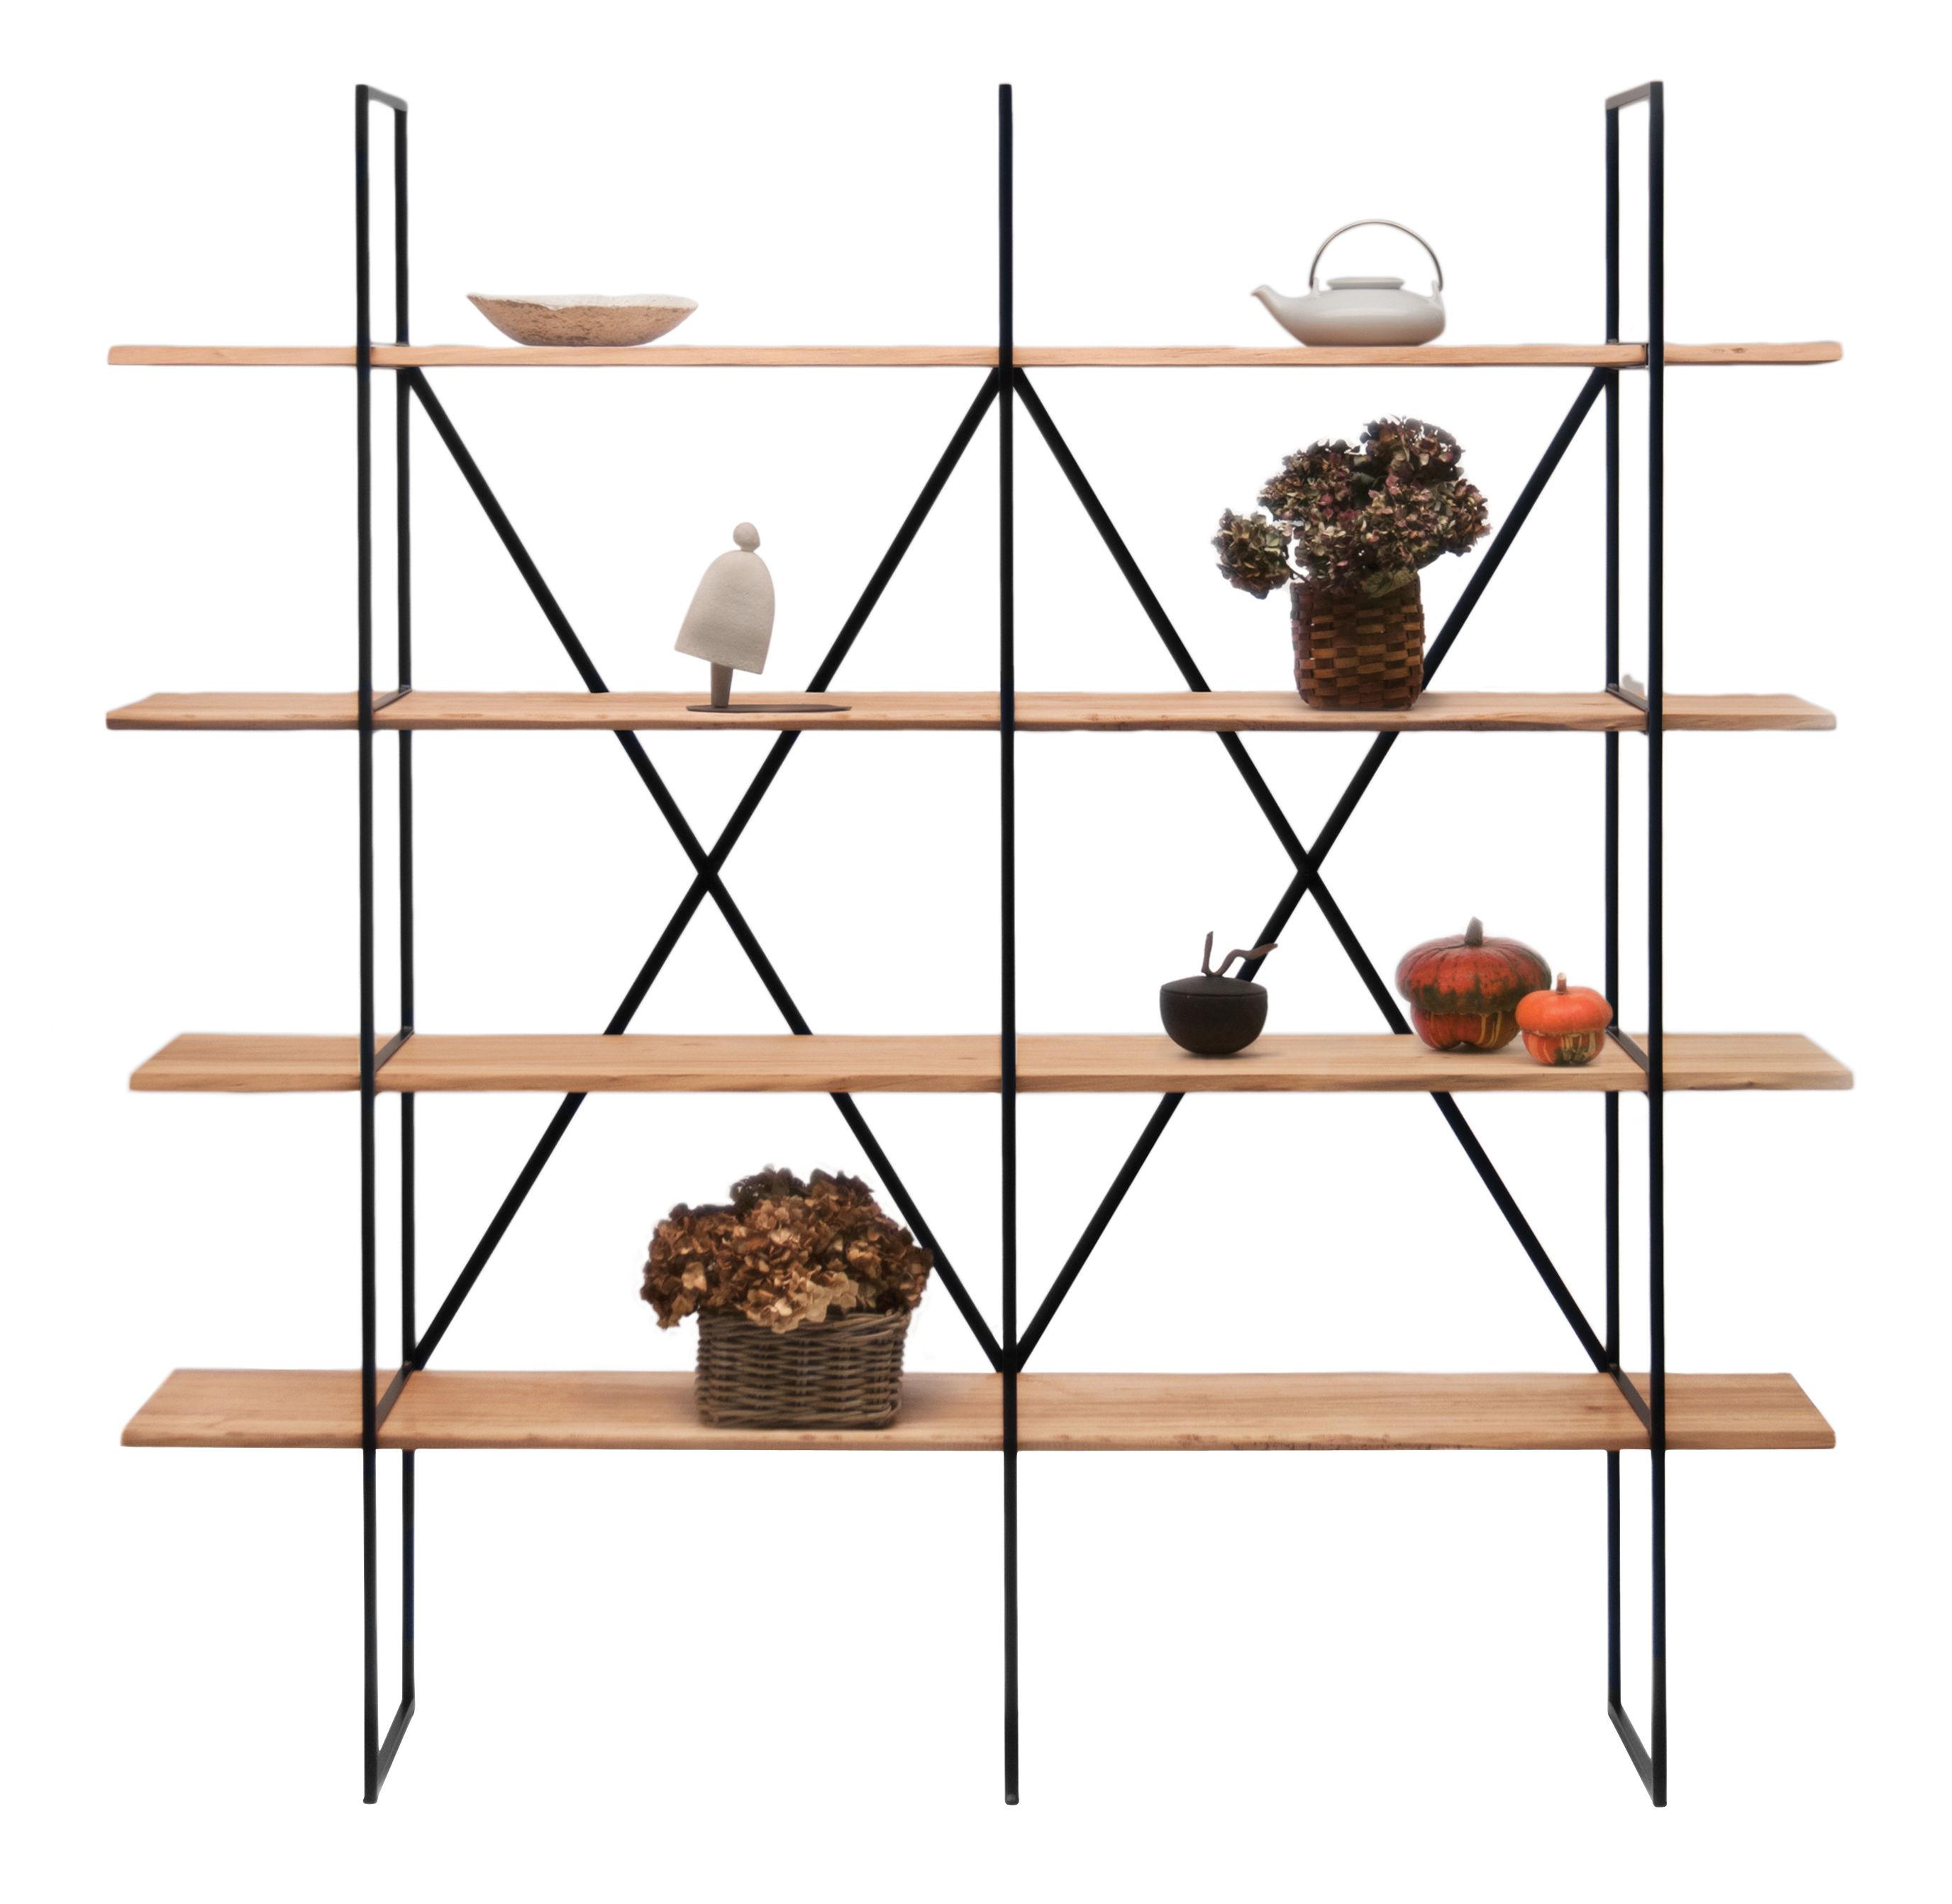 Arredamento - Scaffali e librerie - Libreria Slim Irony / L 190 x H 190 cm - Zeus - Legno naturale / nero ramato - Acciaio, Peuplier massif